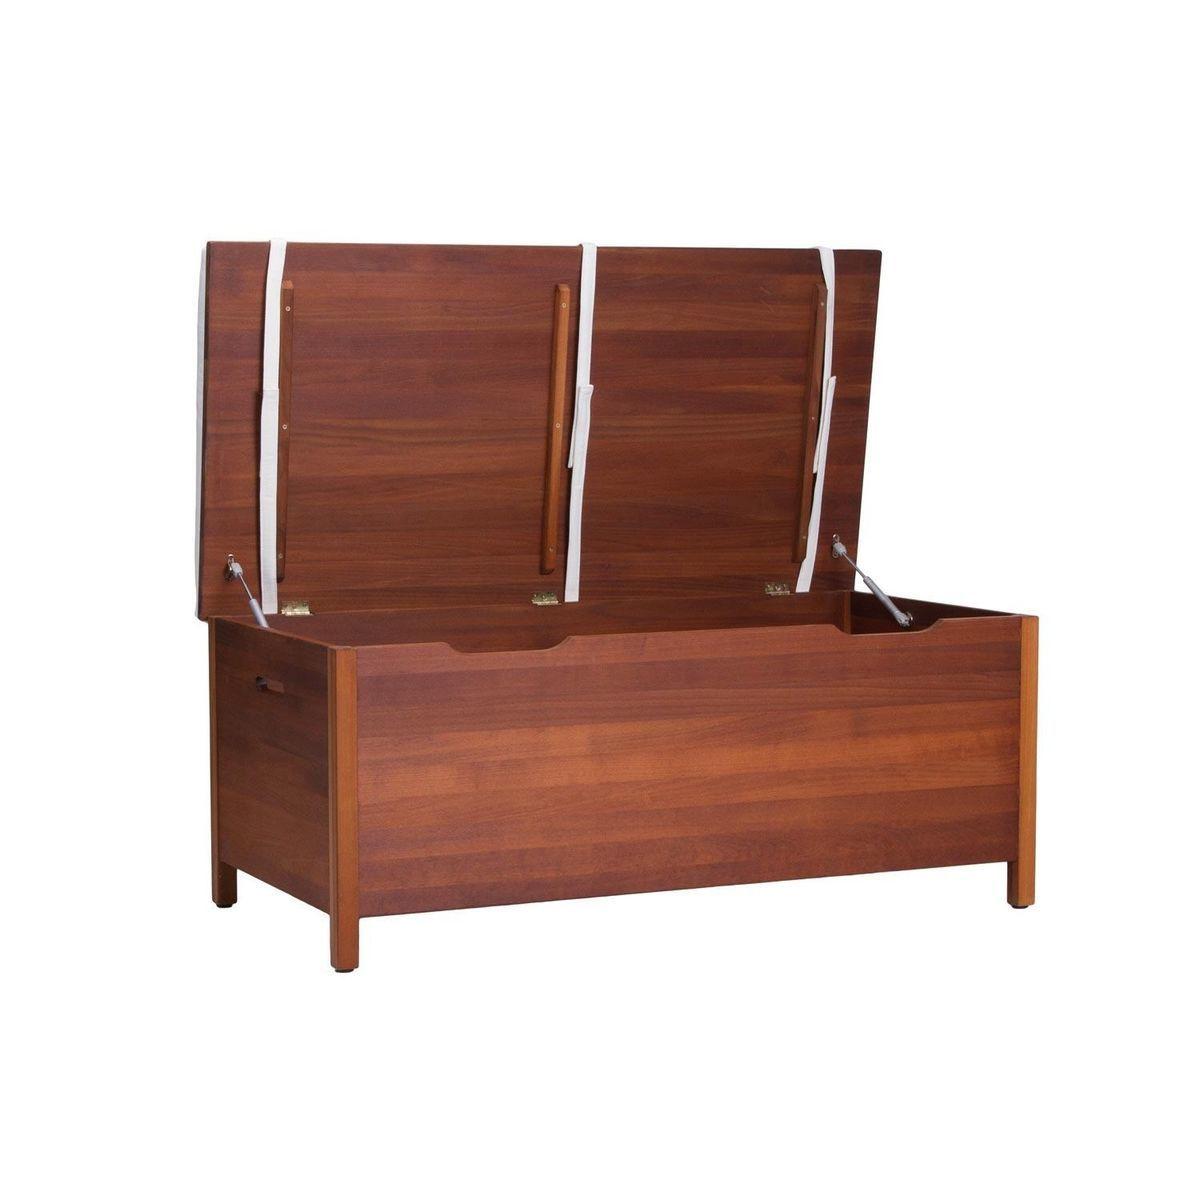 adwood box coffre de rangement pour coussins adwood coffres de rangement pour coussins. Black Bedroom Furniture Sets. Home Design Ideas